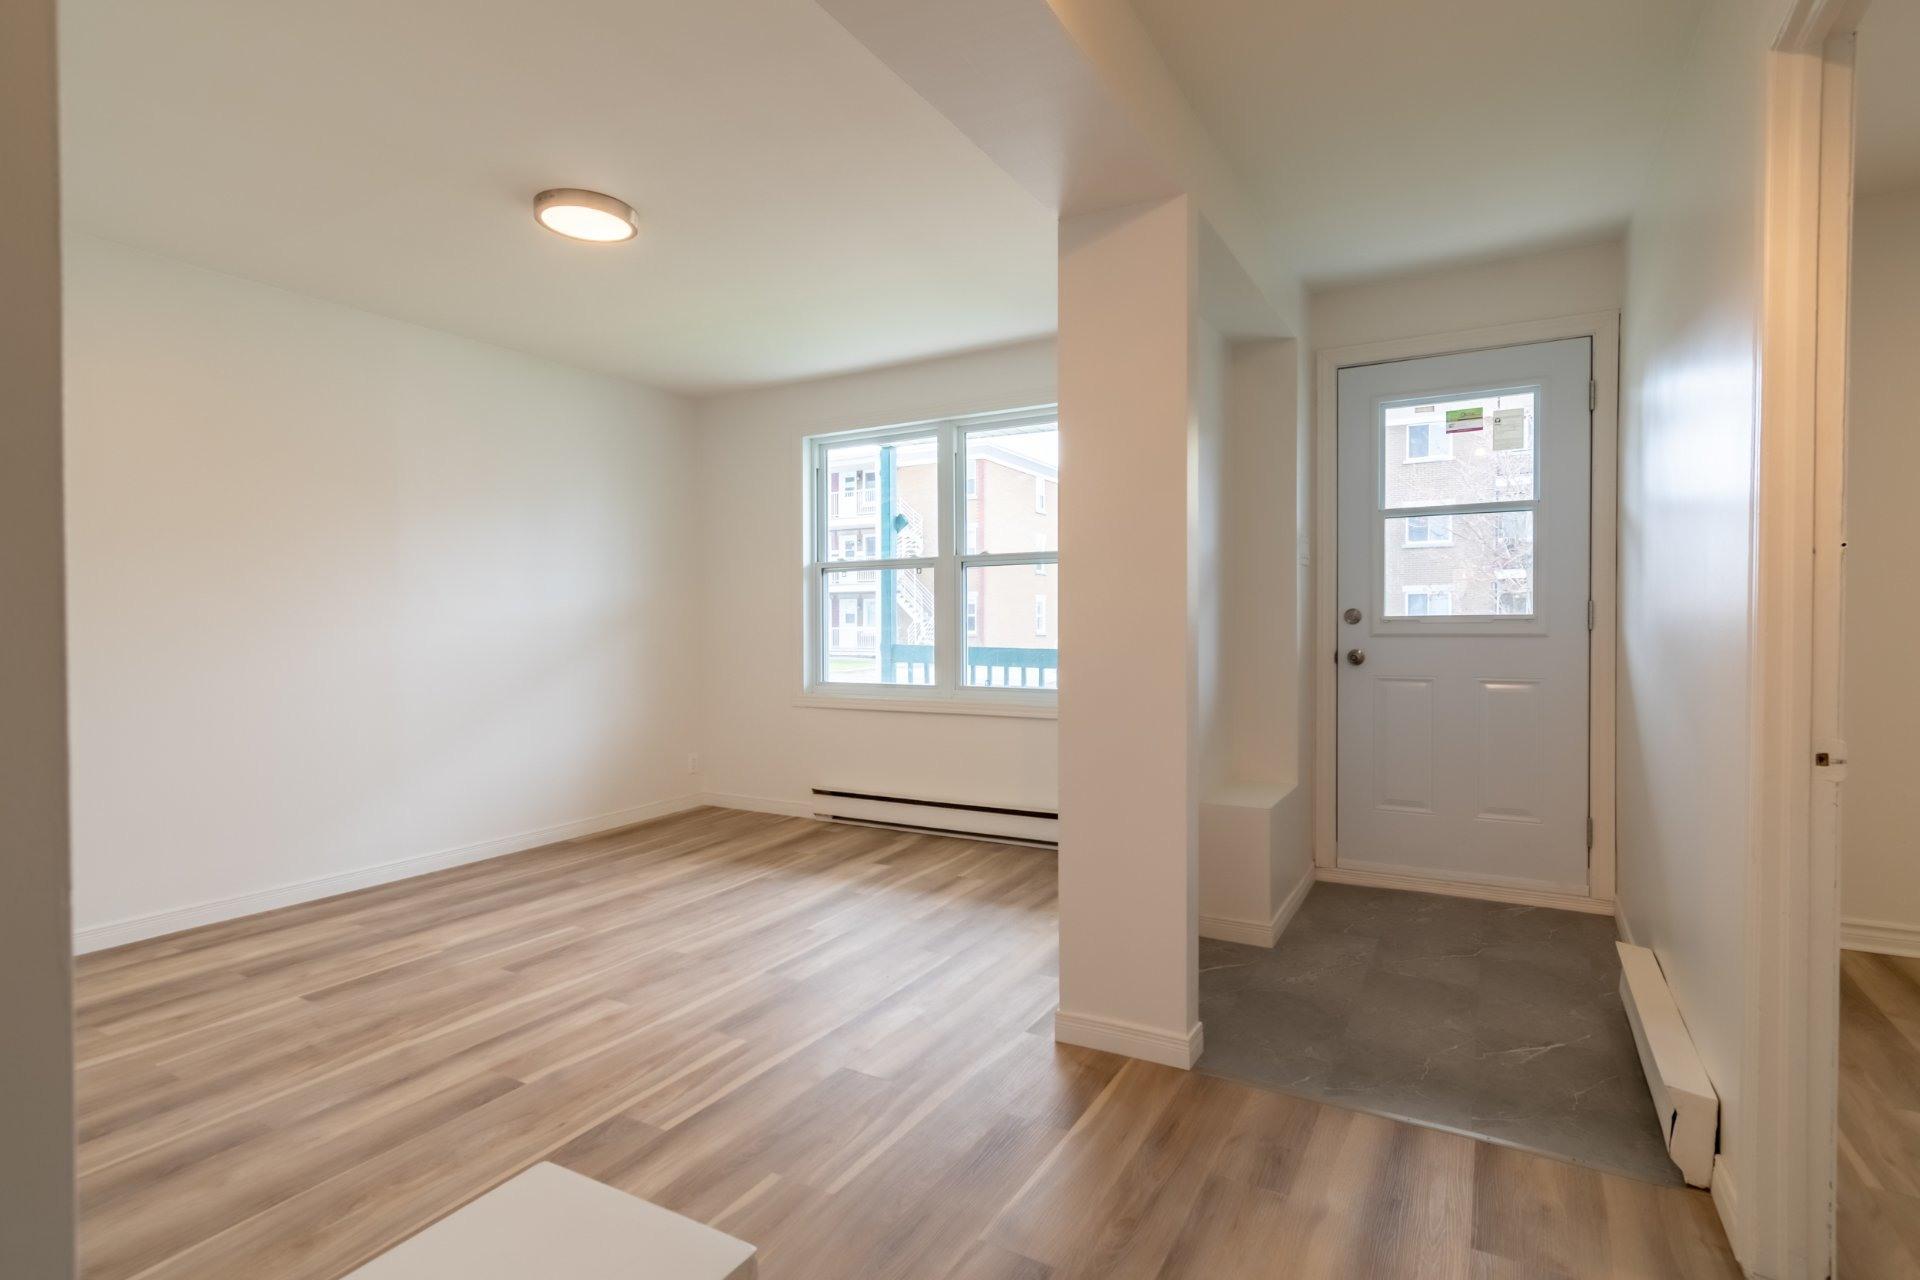 image 16 - Duplex For sale Trois-Rivières - 5 rooms